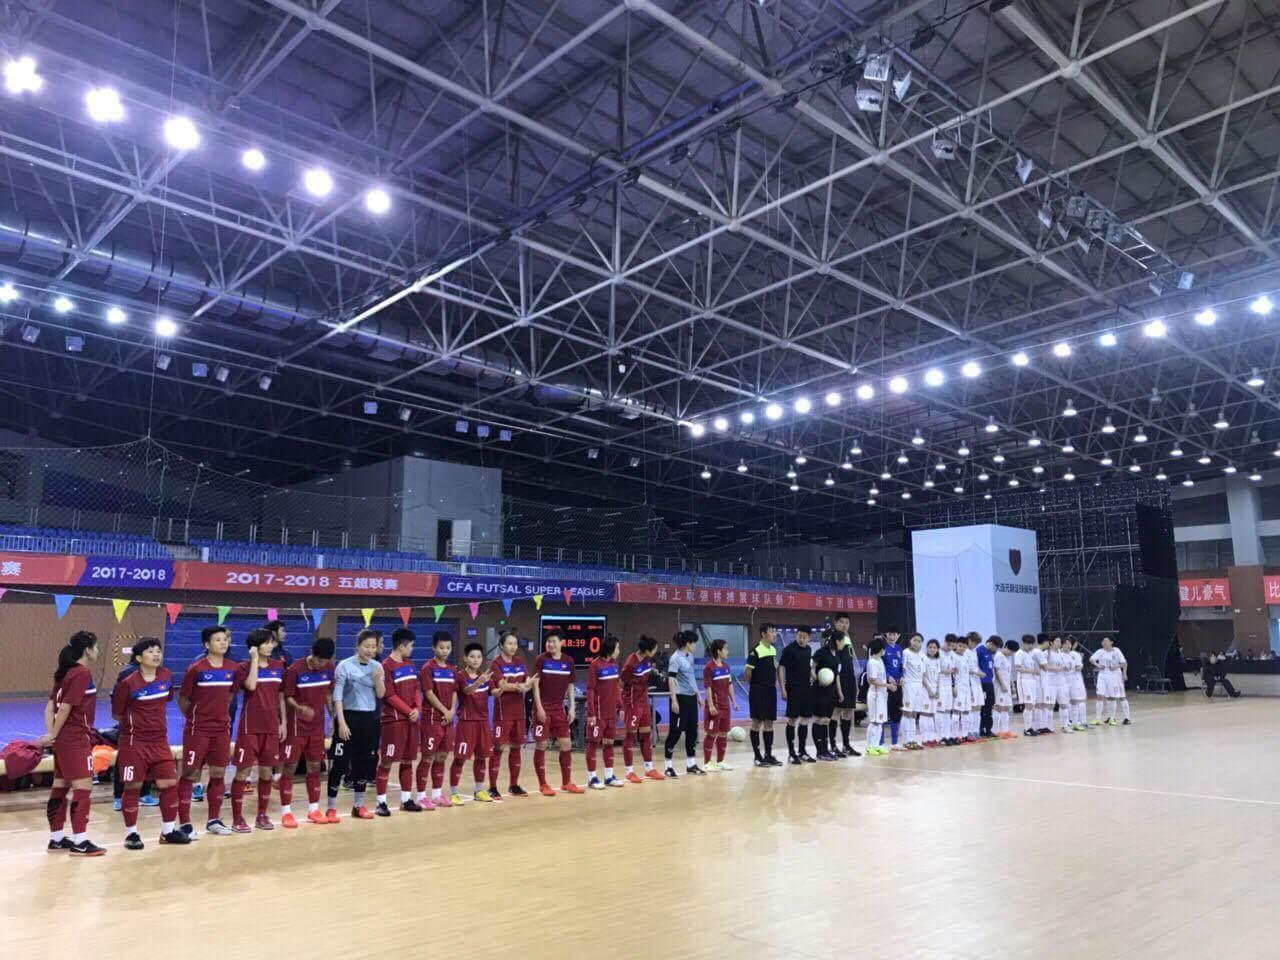 Hướng tới VCK Futsal nữ châu Á 2018: ĐT Futsal nữ Việt Nam hòa 3-3 ĐT Futsal nữ Trung Quốc trong trận tái đấu